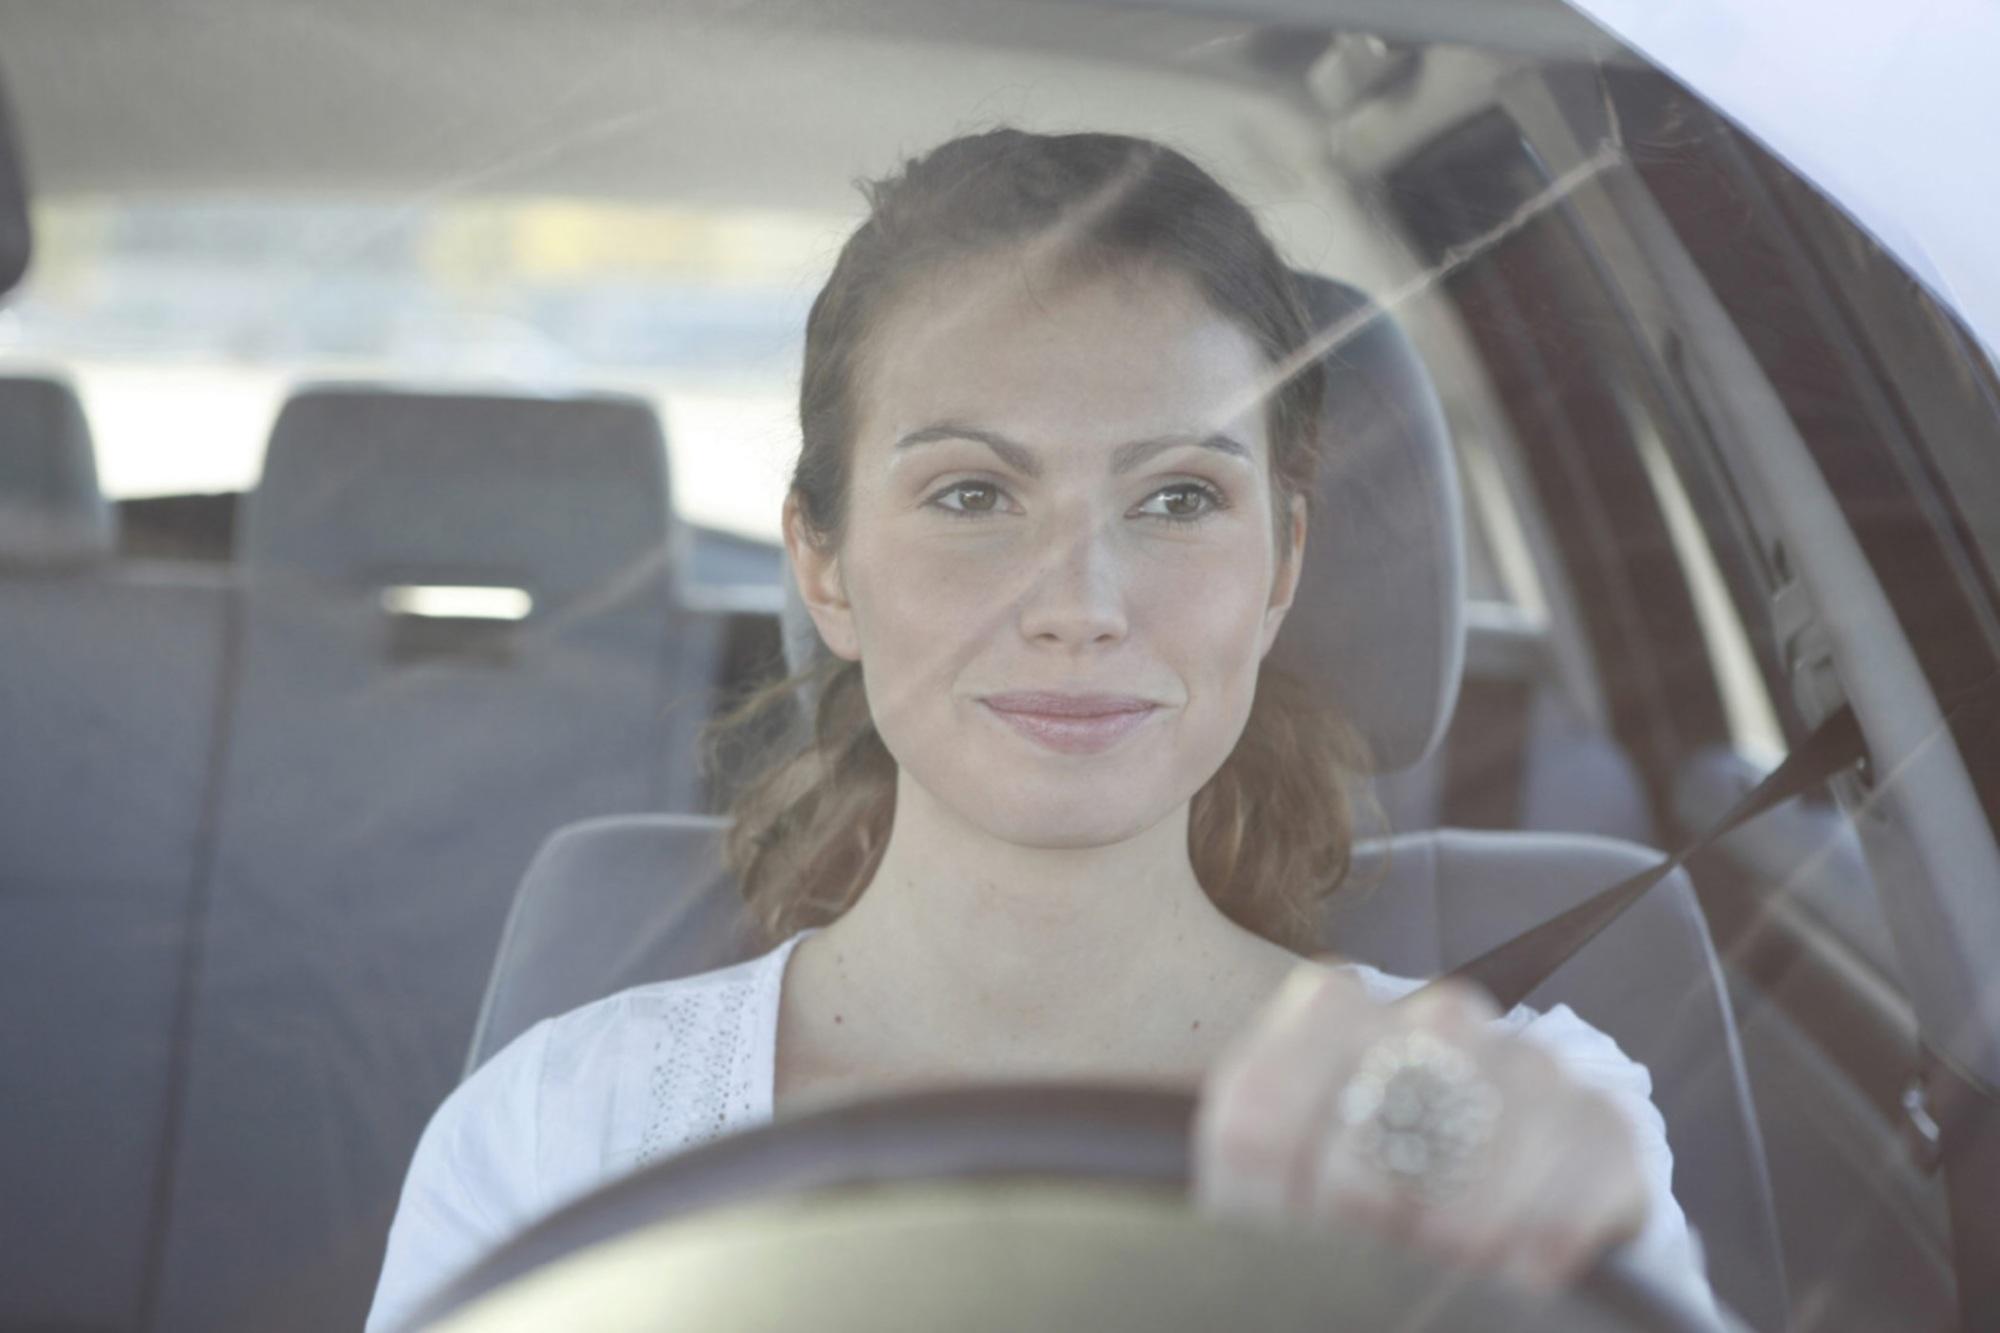 Umfrage zum Fahrverhalten - Frauen sind rücksichtsvoller als Männer